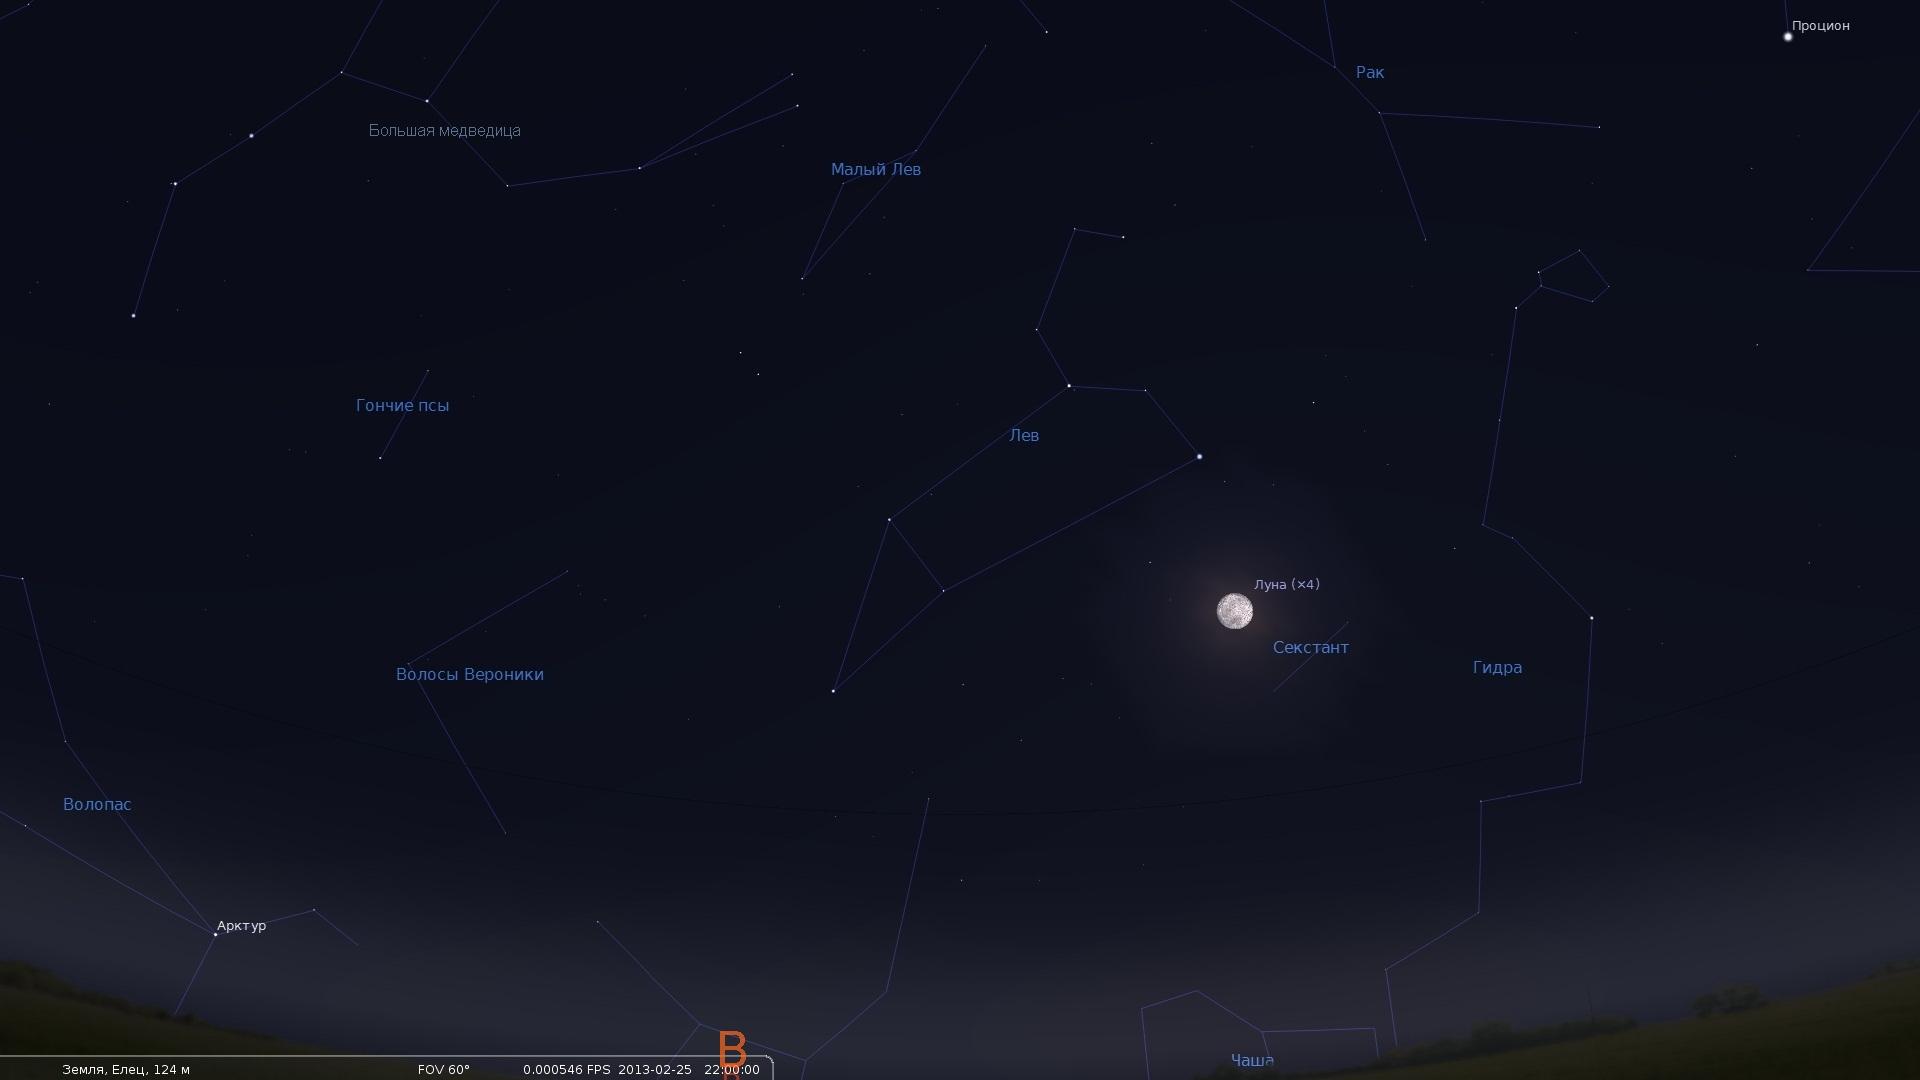 звезда арктур фото